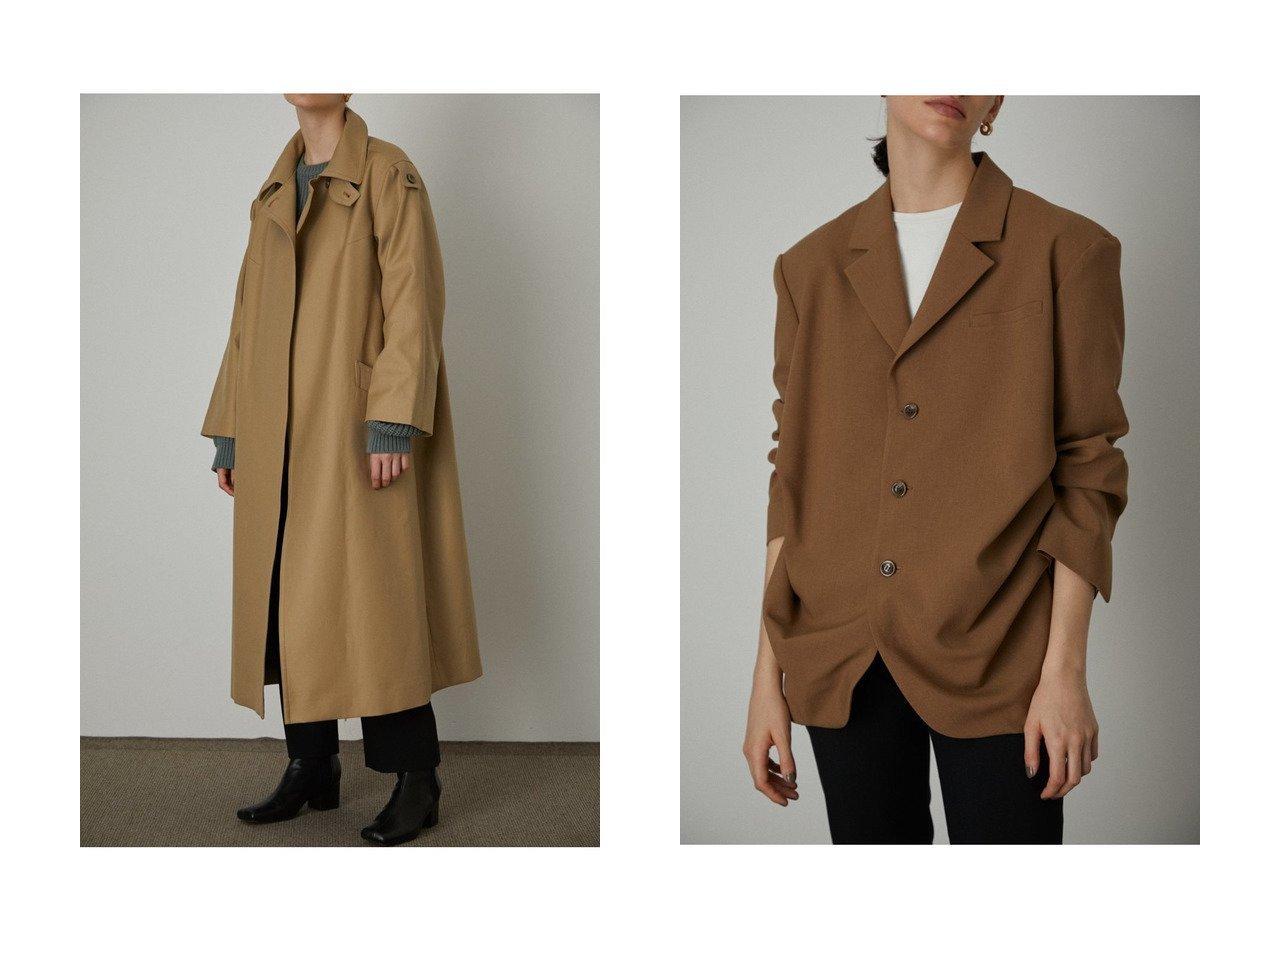 【RIM.ARK/リムアーク】のコート&ジャケット アウターのおすすめ!人気、トレンド・レディースファッションの通販 おすすめで人気の流行・トレンド、ファッションの通販商品 メンズファッション・キッズファッション・インテリア・家具・レディースファッション・服の通販 founy(ファニー) https://founy.com/ ファッション Fashion レディースファッション WOMEN アウター Coat Outerwear コート Coats ジャケット Jackets 2021年 2021 2021 春夏 S/S SS Spring/Summer 2021 S/S 春夏 SS Spring/Summer インド クール コンパクト スマート ロング 春 Spring |ID:crp329100000014493